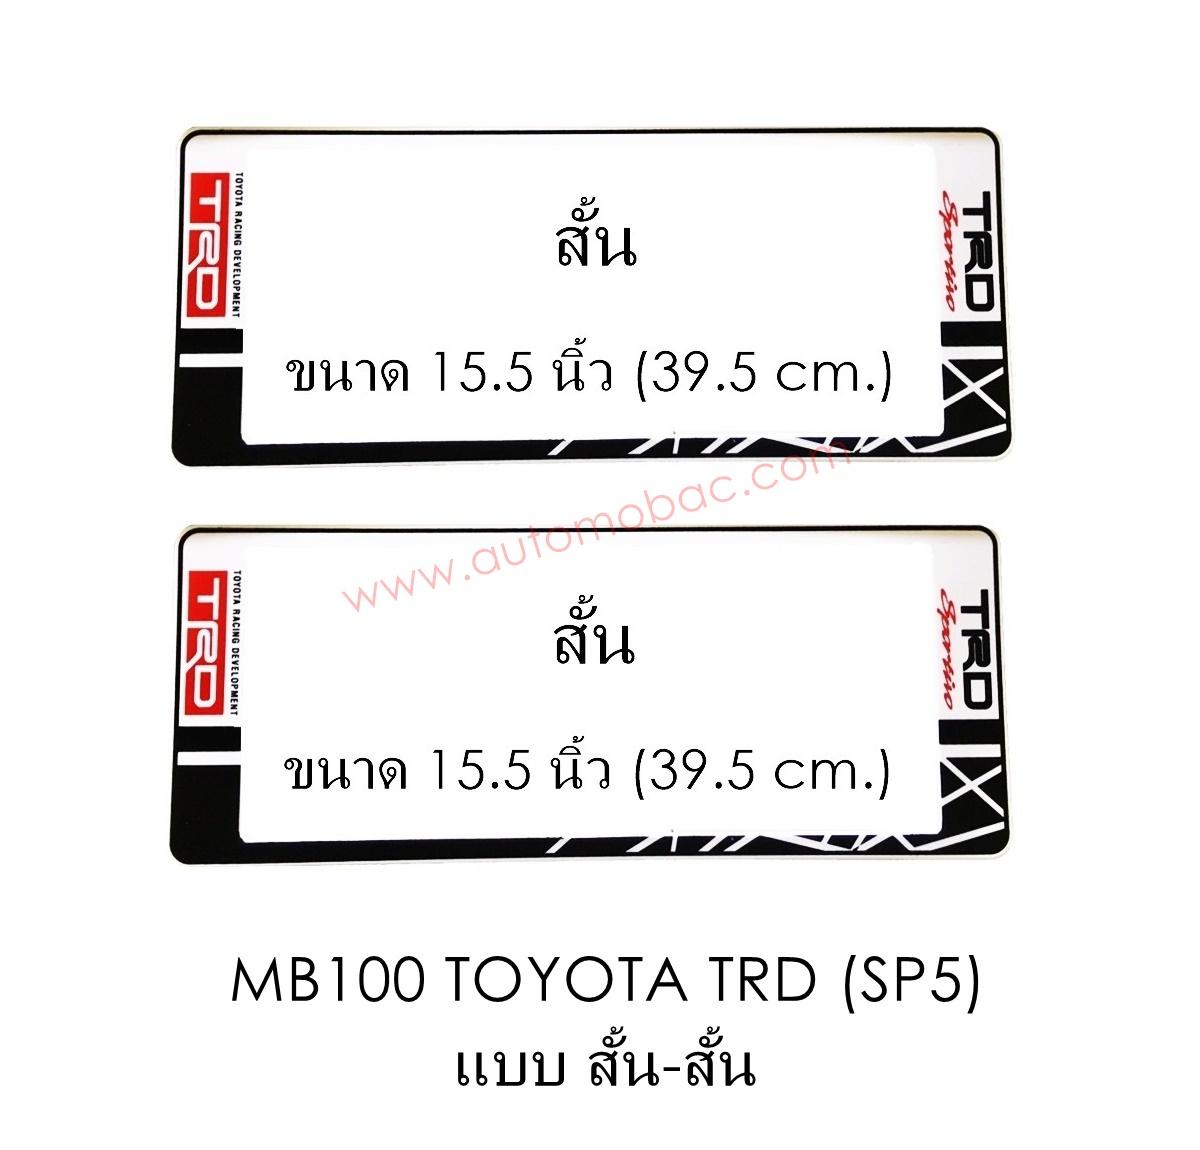 กรอบป้ายทะเบียนรถยนต์ กันน้ำ MB100 TRD สั้น-สั้น ไม่มีเส้นกลาง รุ่น SP5 คลิปล็อค 8 จุด มีน็อตอะไหล่